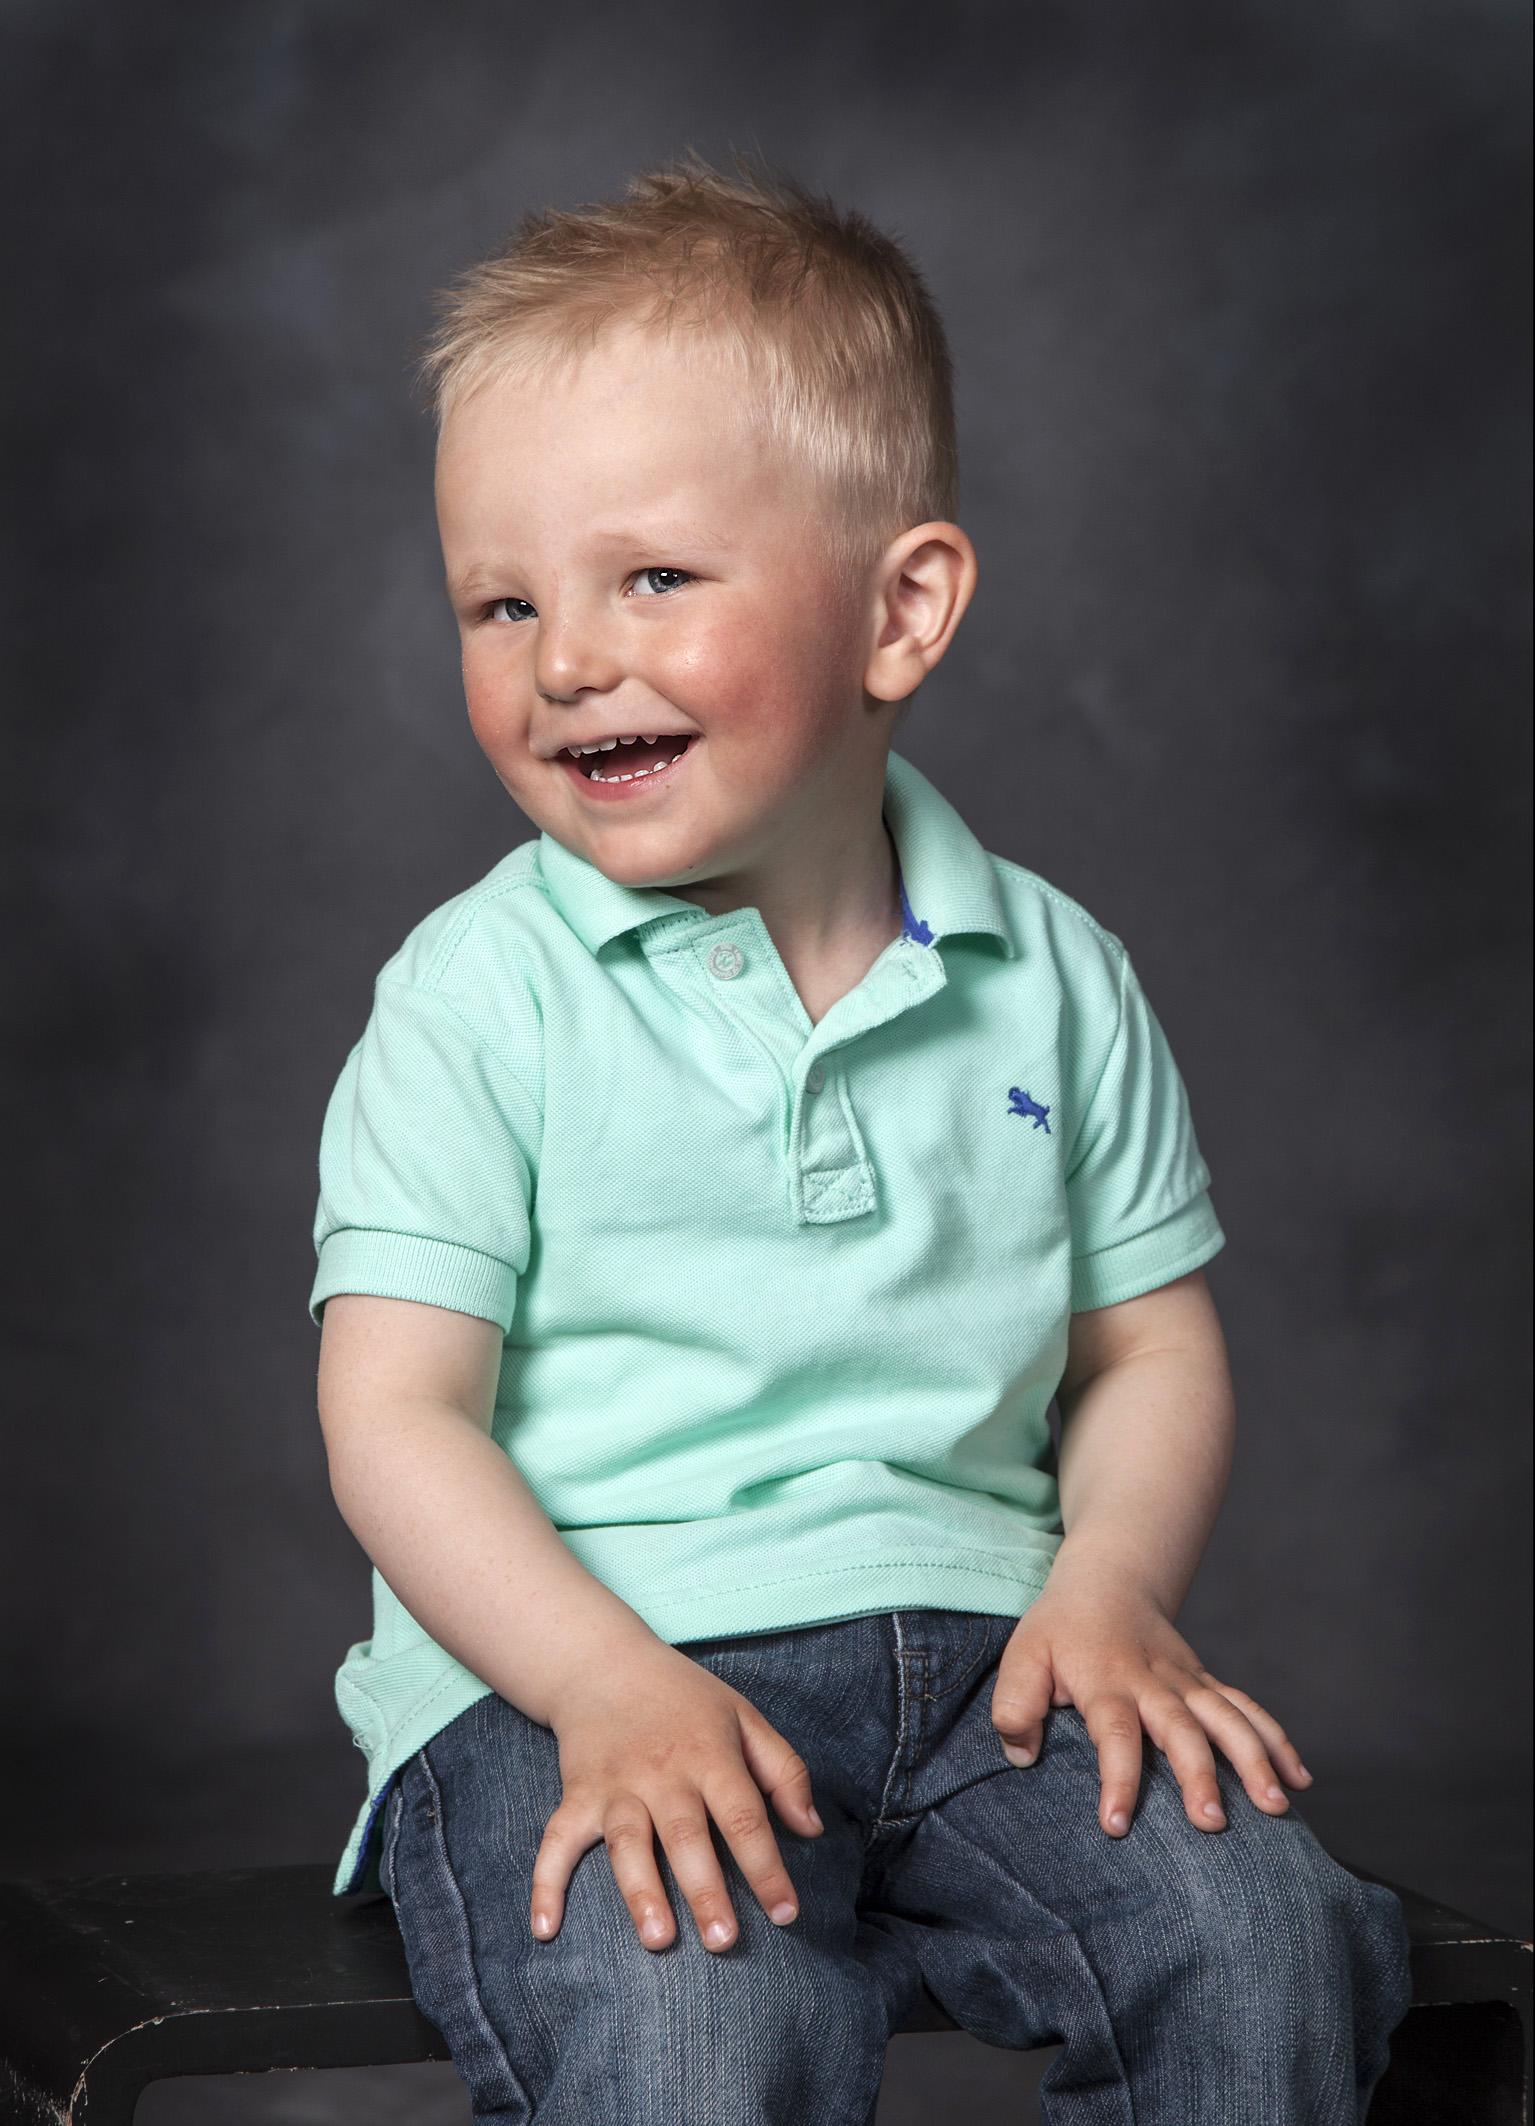 Børnefoto - foto af dreng